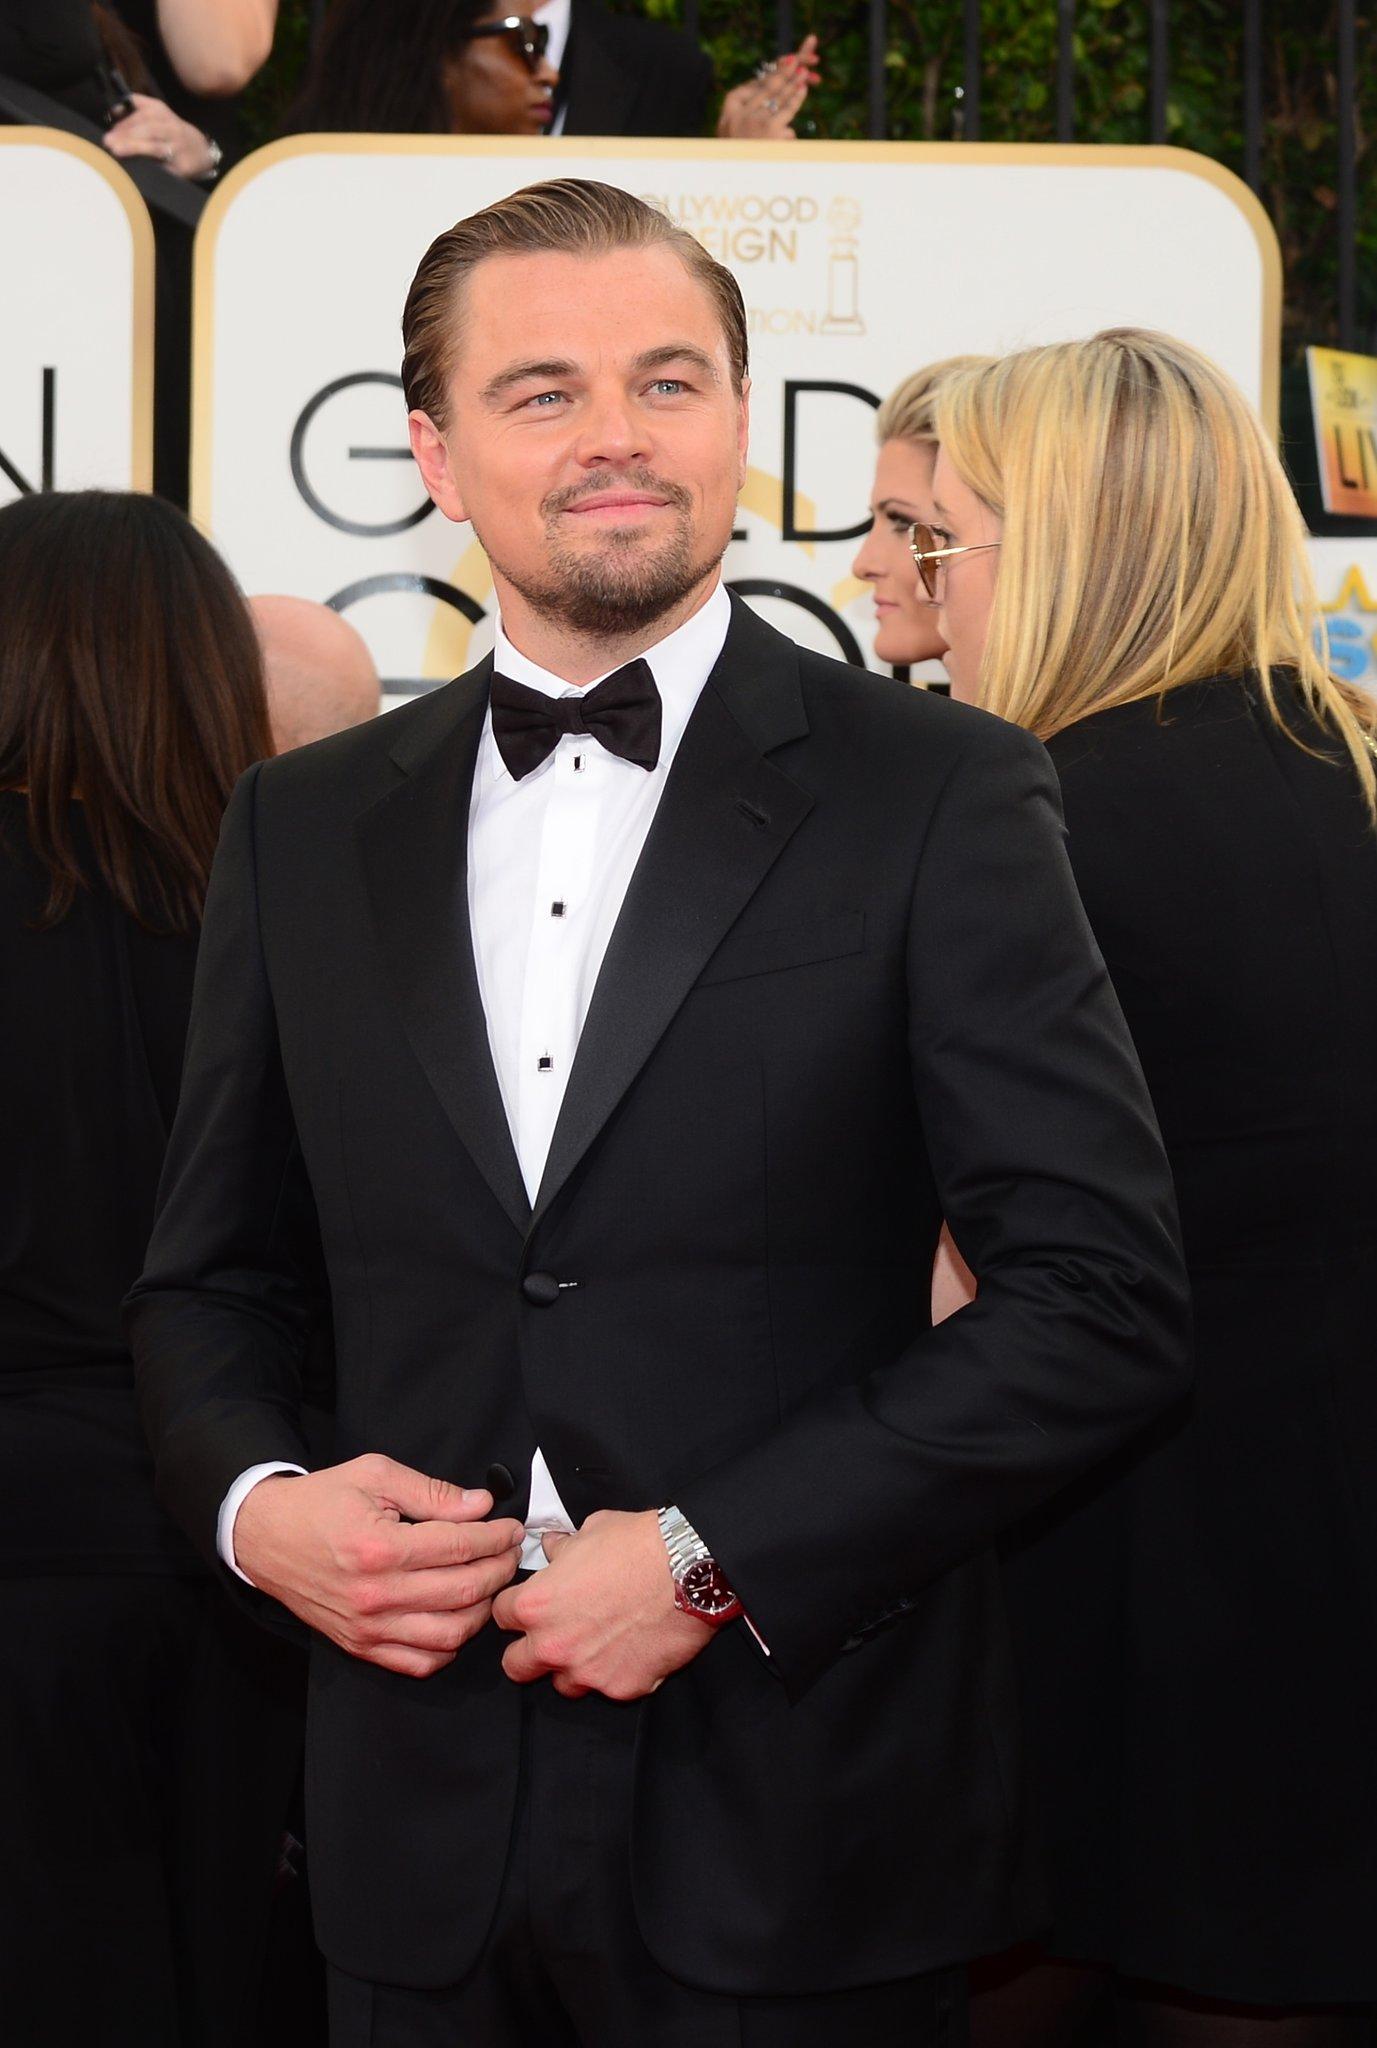 Leonardo DiCaprio was dapper as ever on the red carpet.